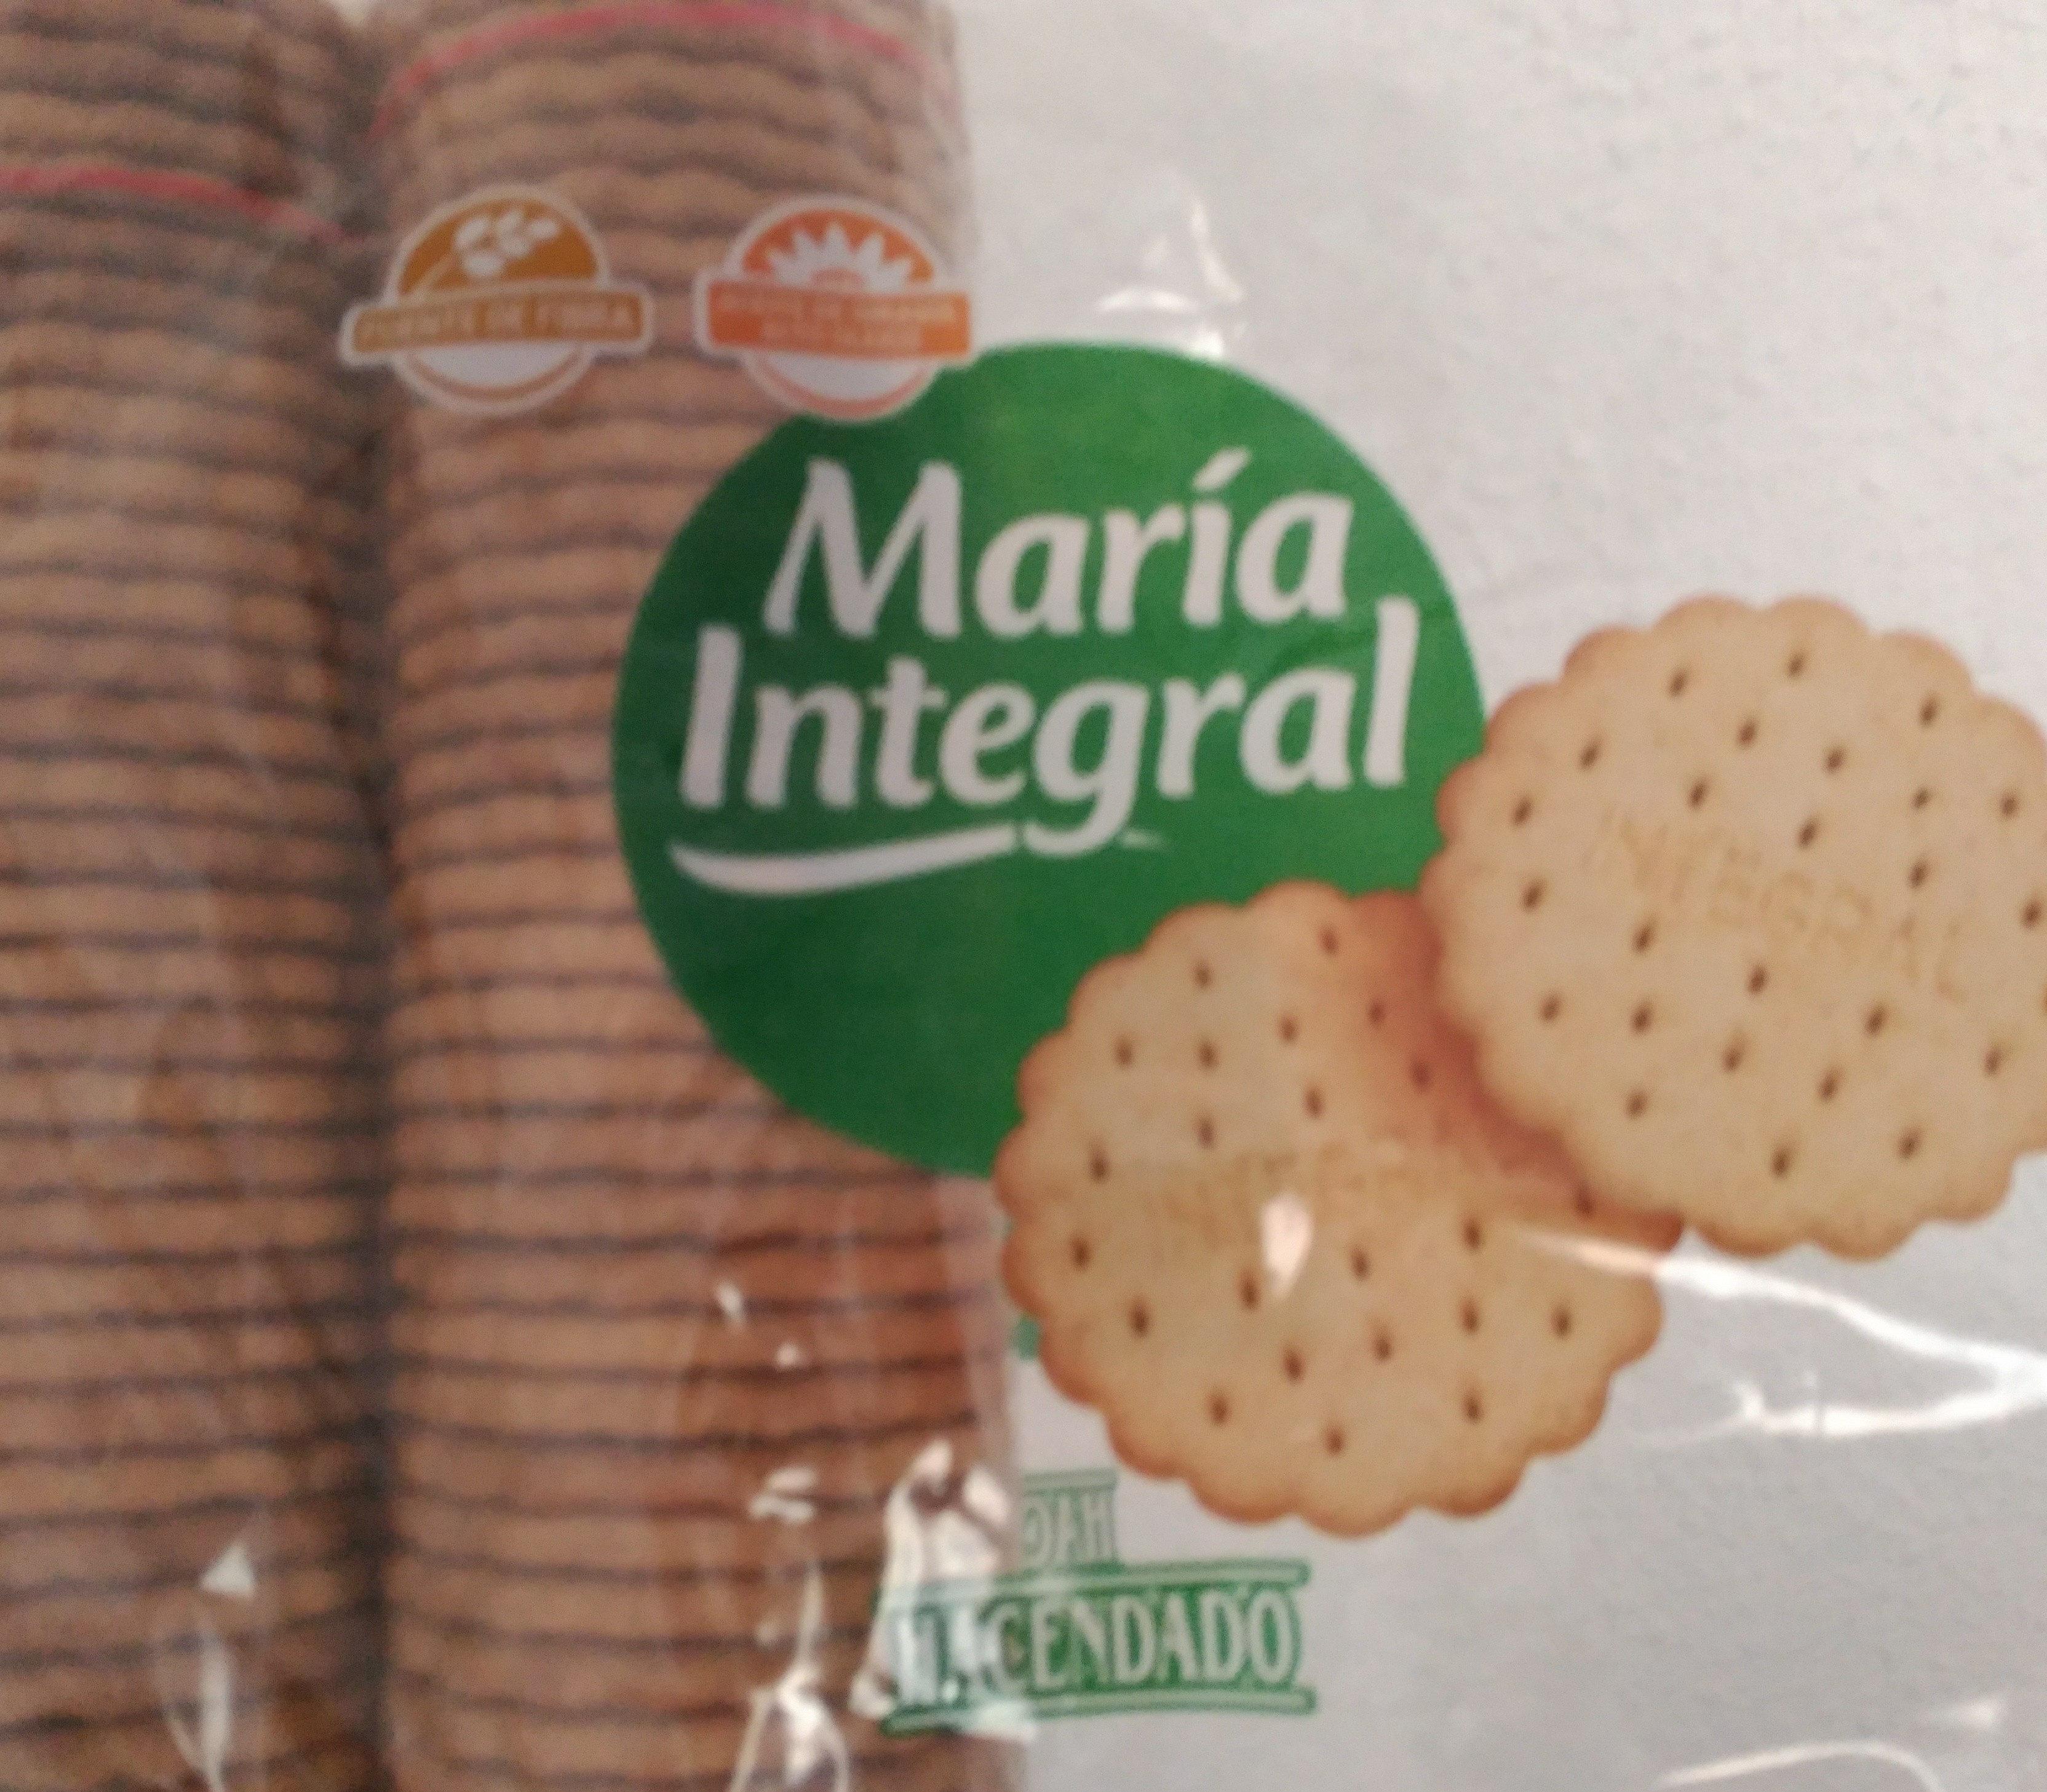 Galletas maria hacendado valor nutricional